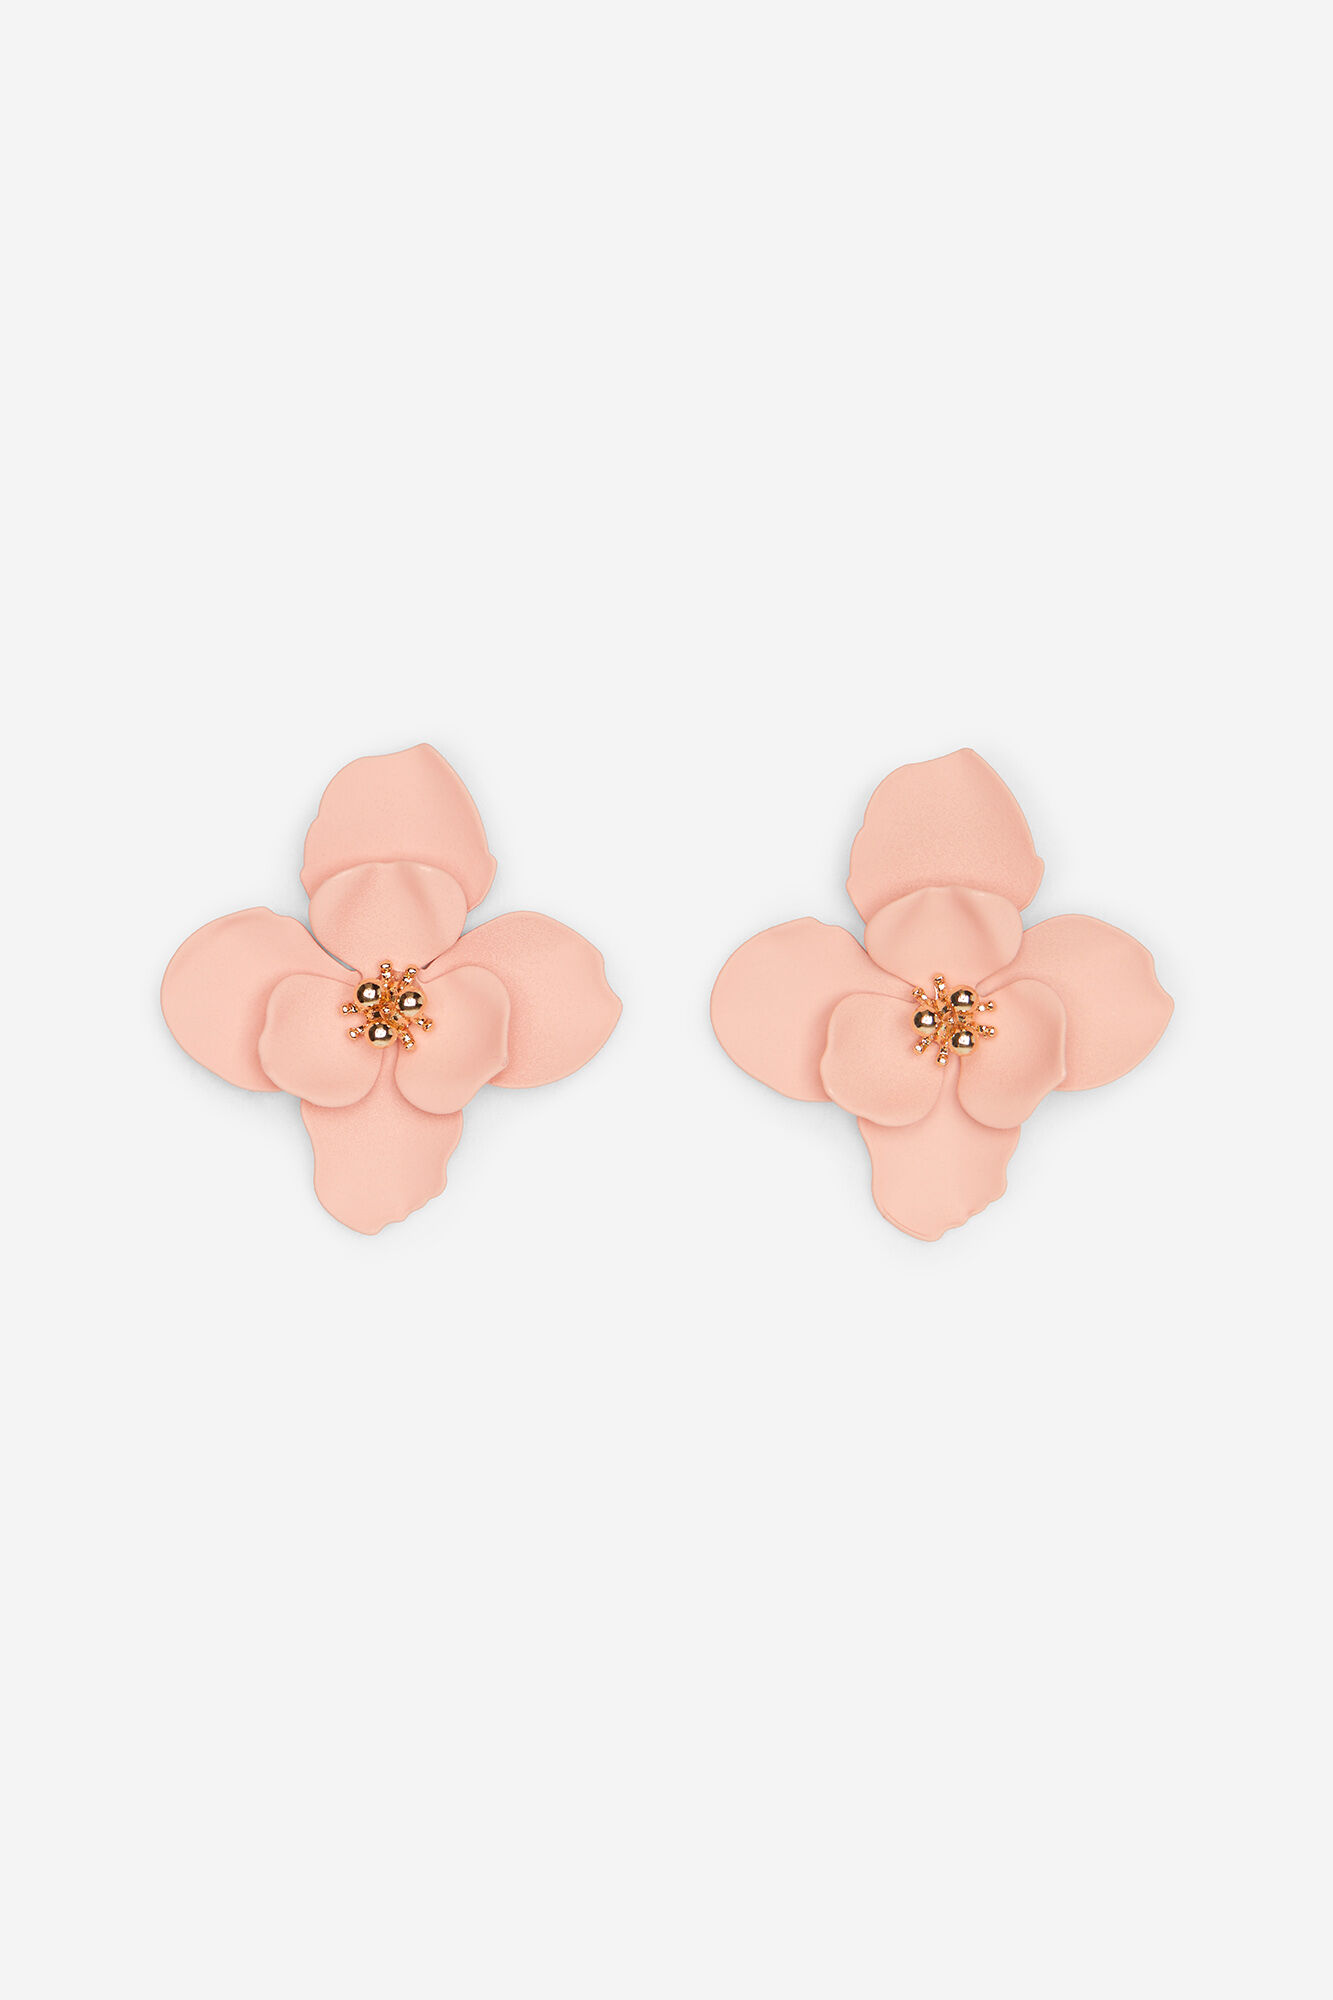 boucle d'oreille fleure